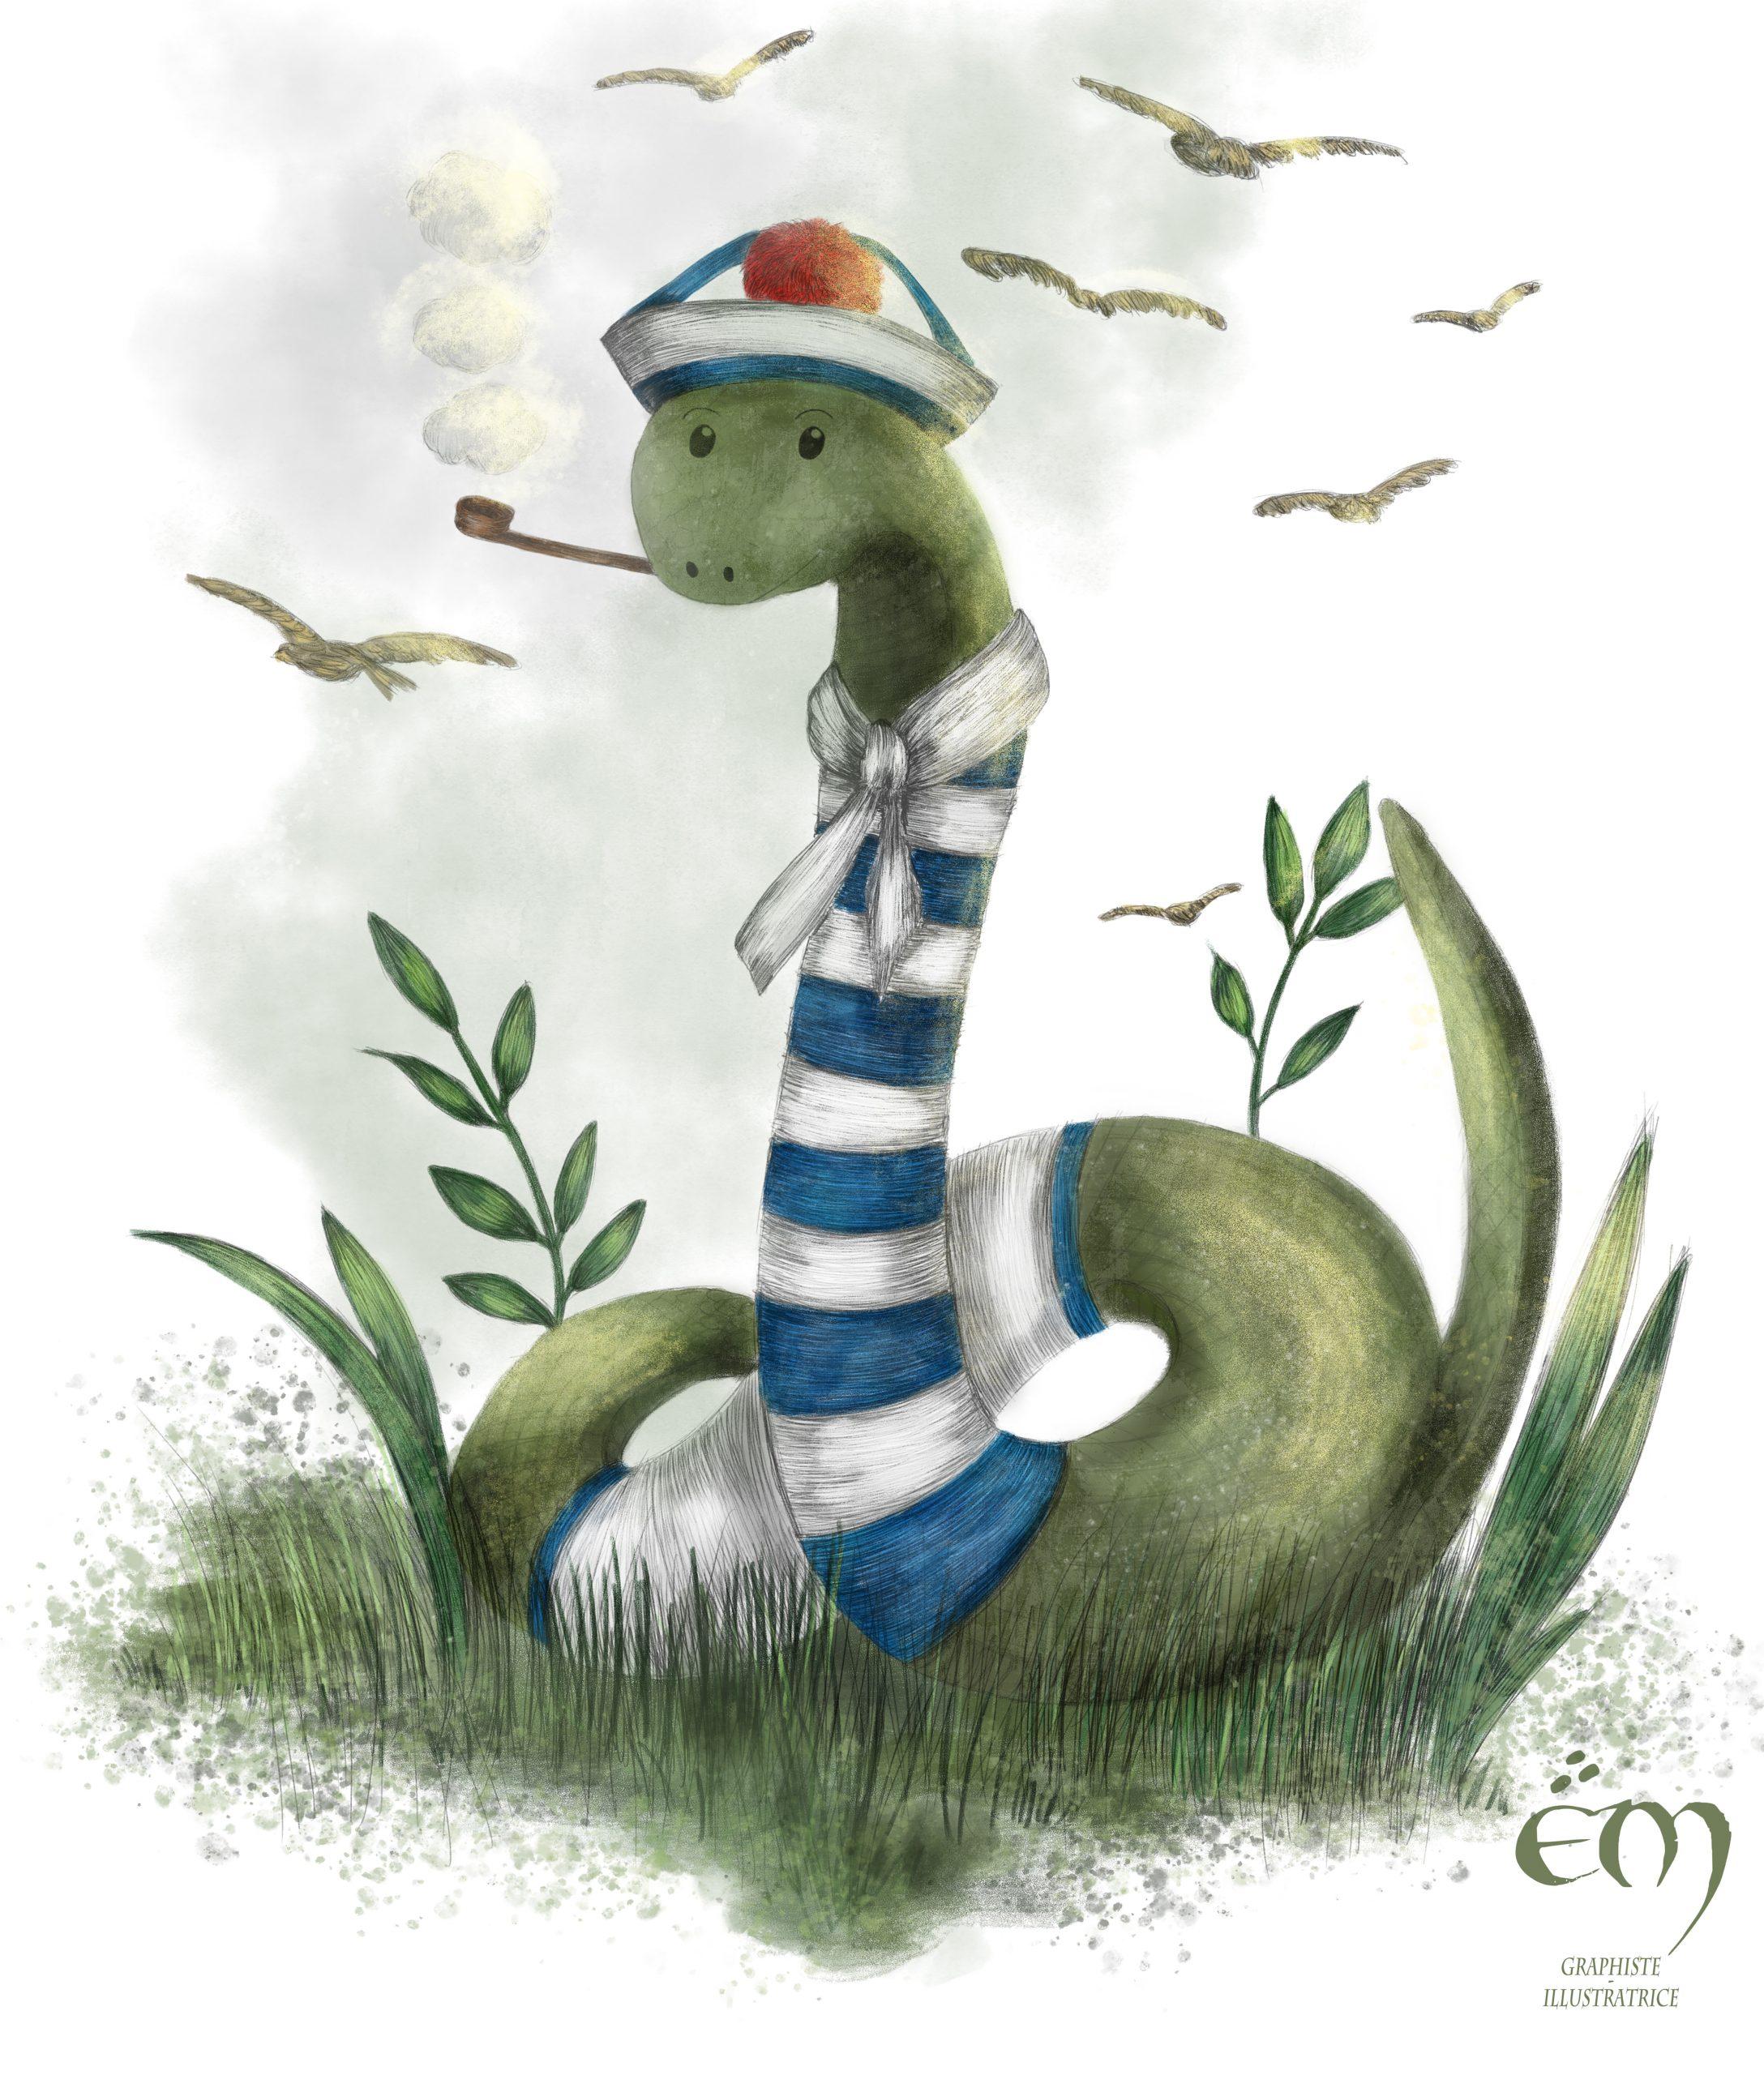 """ANIMAL ILLUSTRATION """"Le Serpent Marin"""" Peinture numérique  """"The Marine Snake"""" Digital painting"""